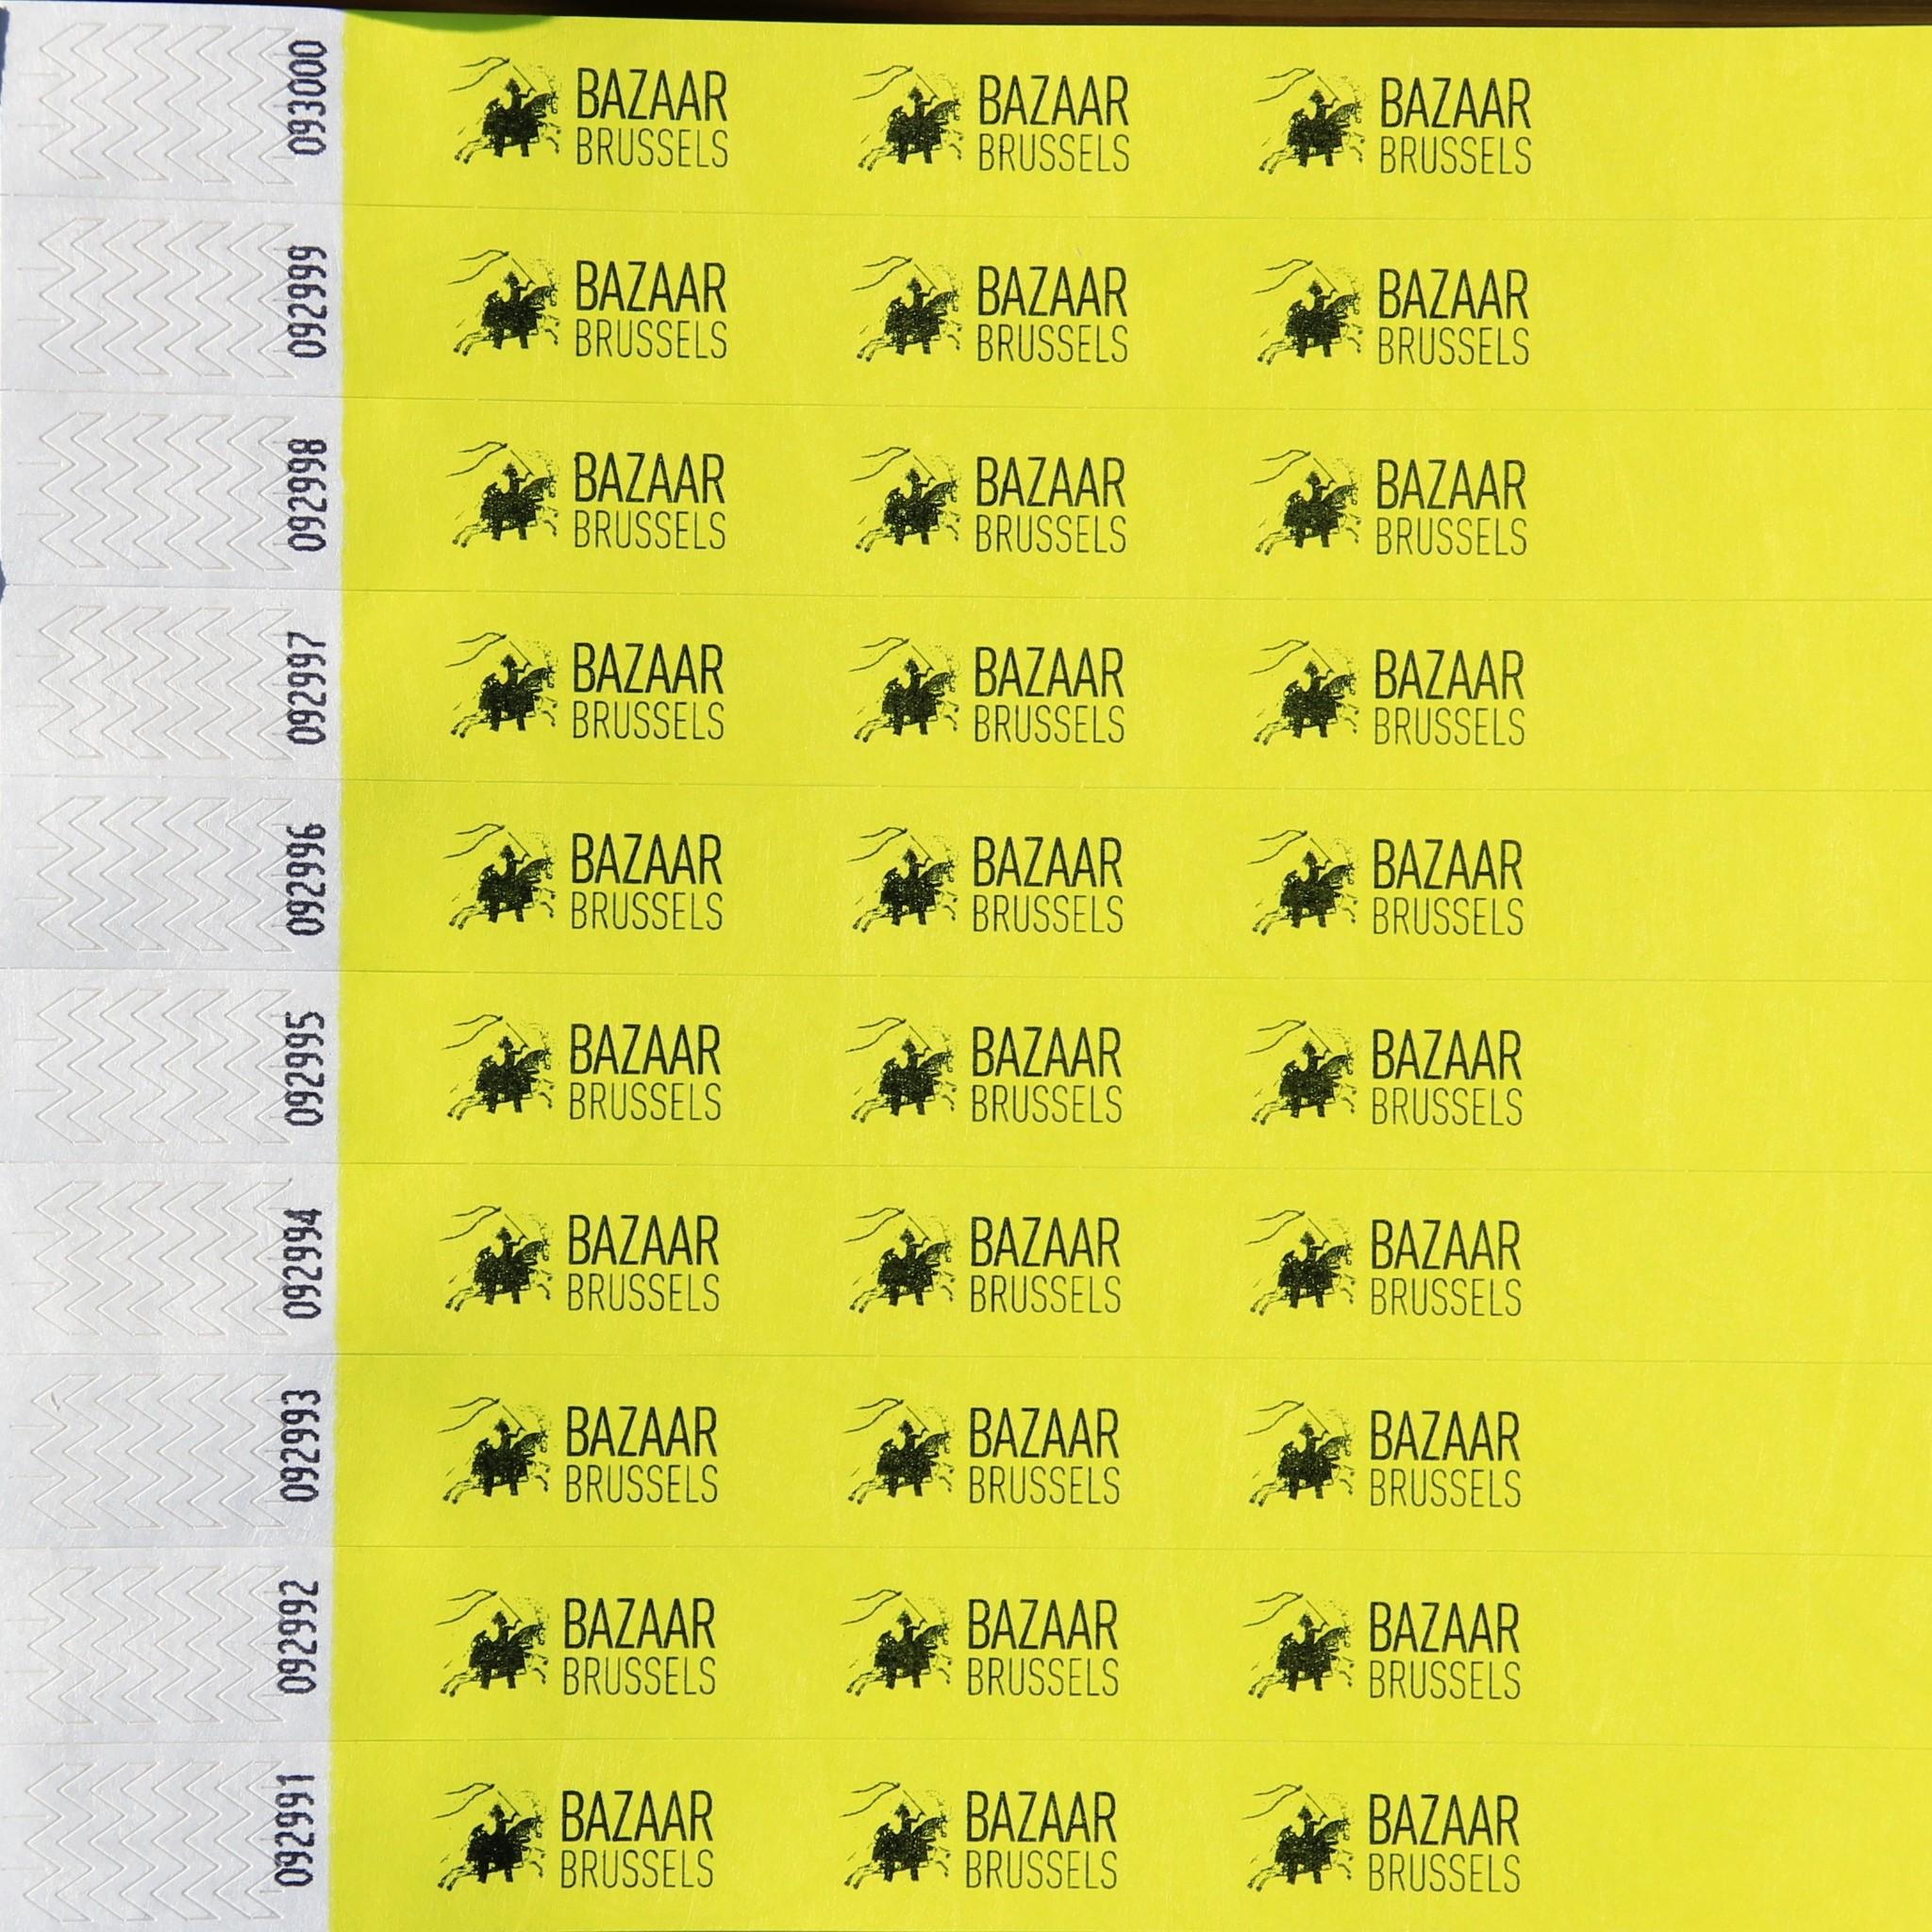 TYVEK® 1000 Tyvek Polsbandjes met uw  identieke tekst of logo in het zwart gedrukt, prijs per 1000 stuks vanaf: